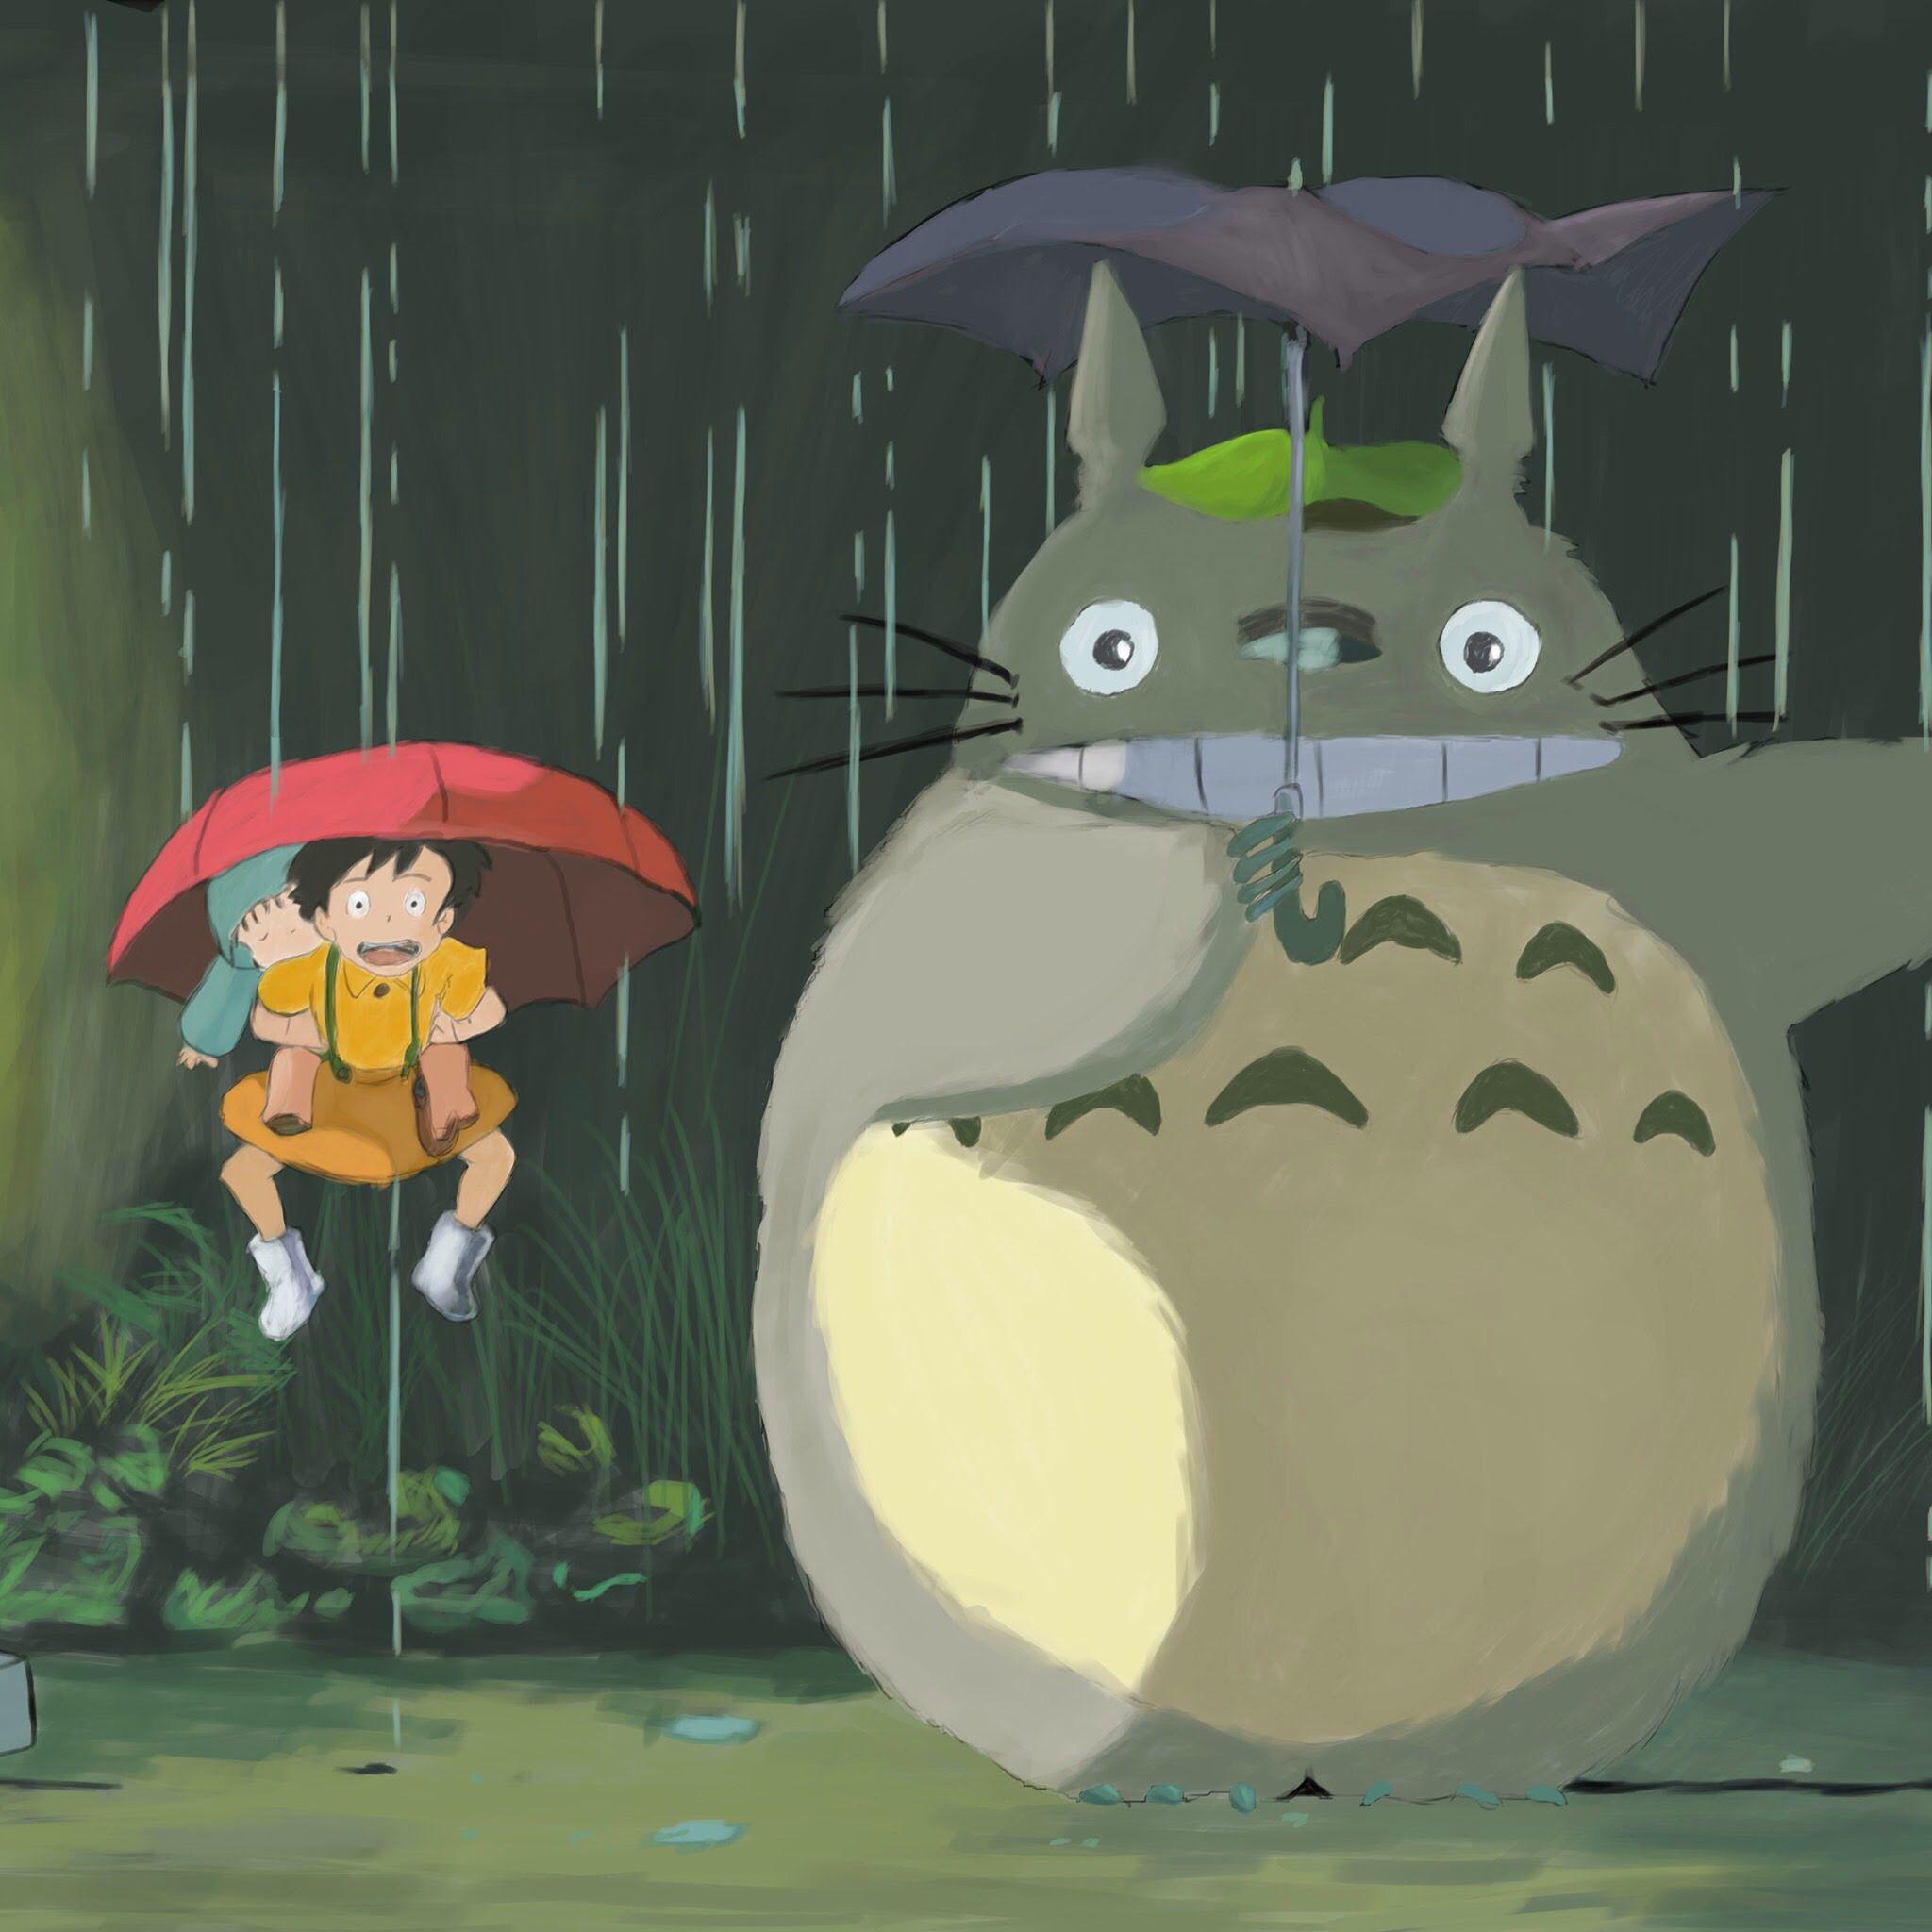 This scene Hayao miyazaki, Totoro, Miyazaki